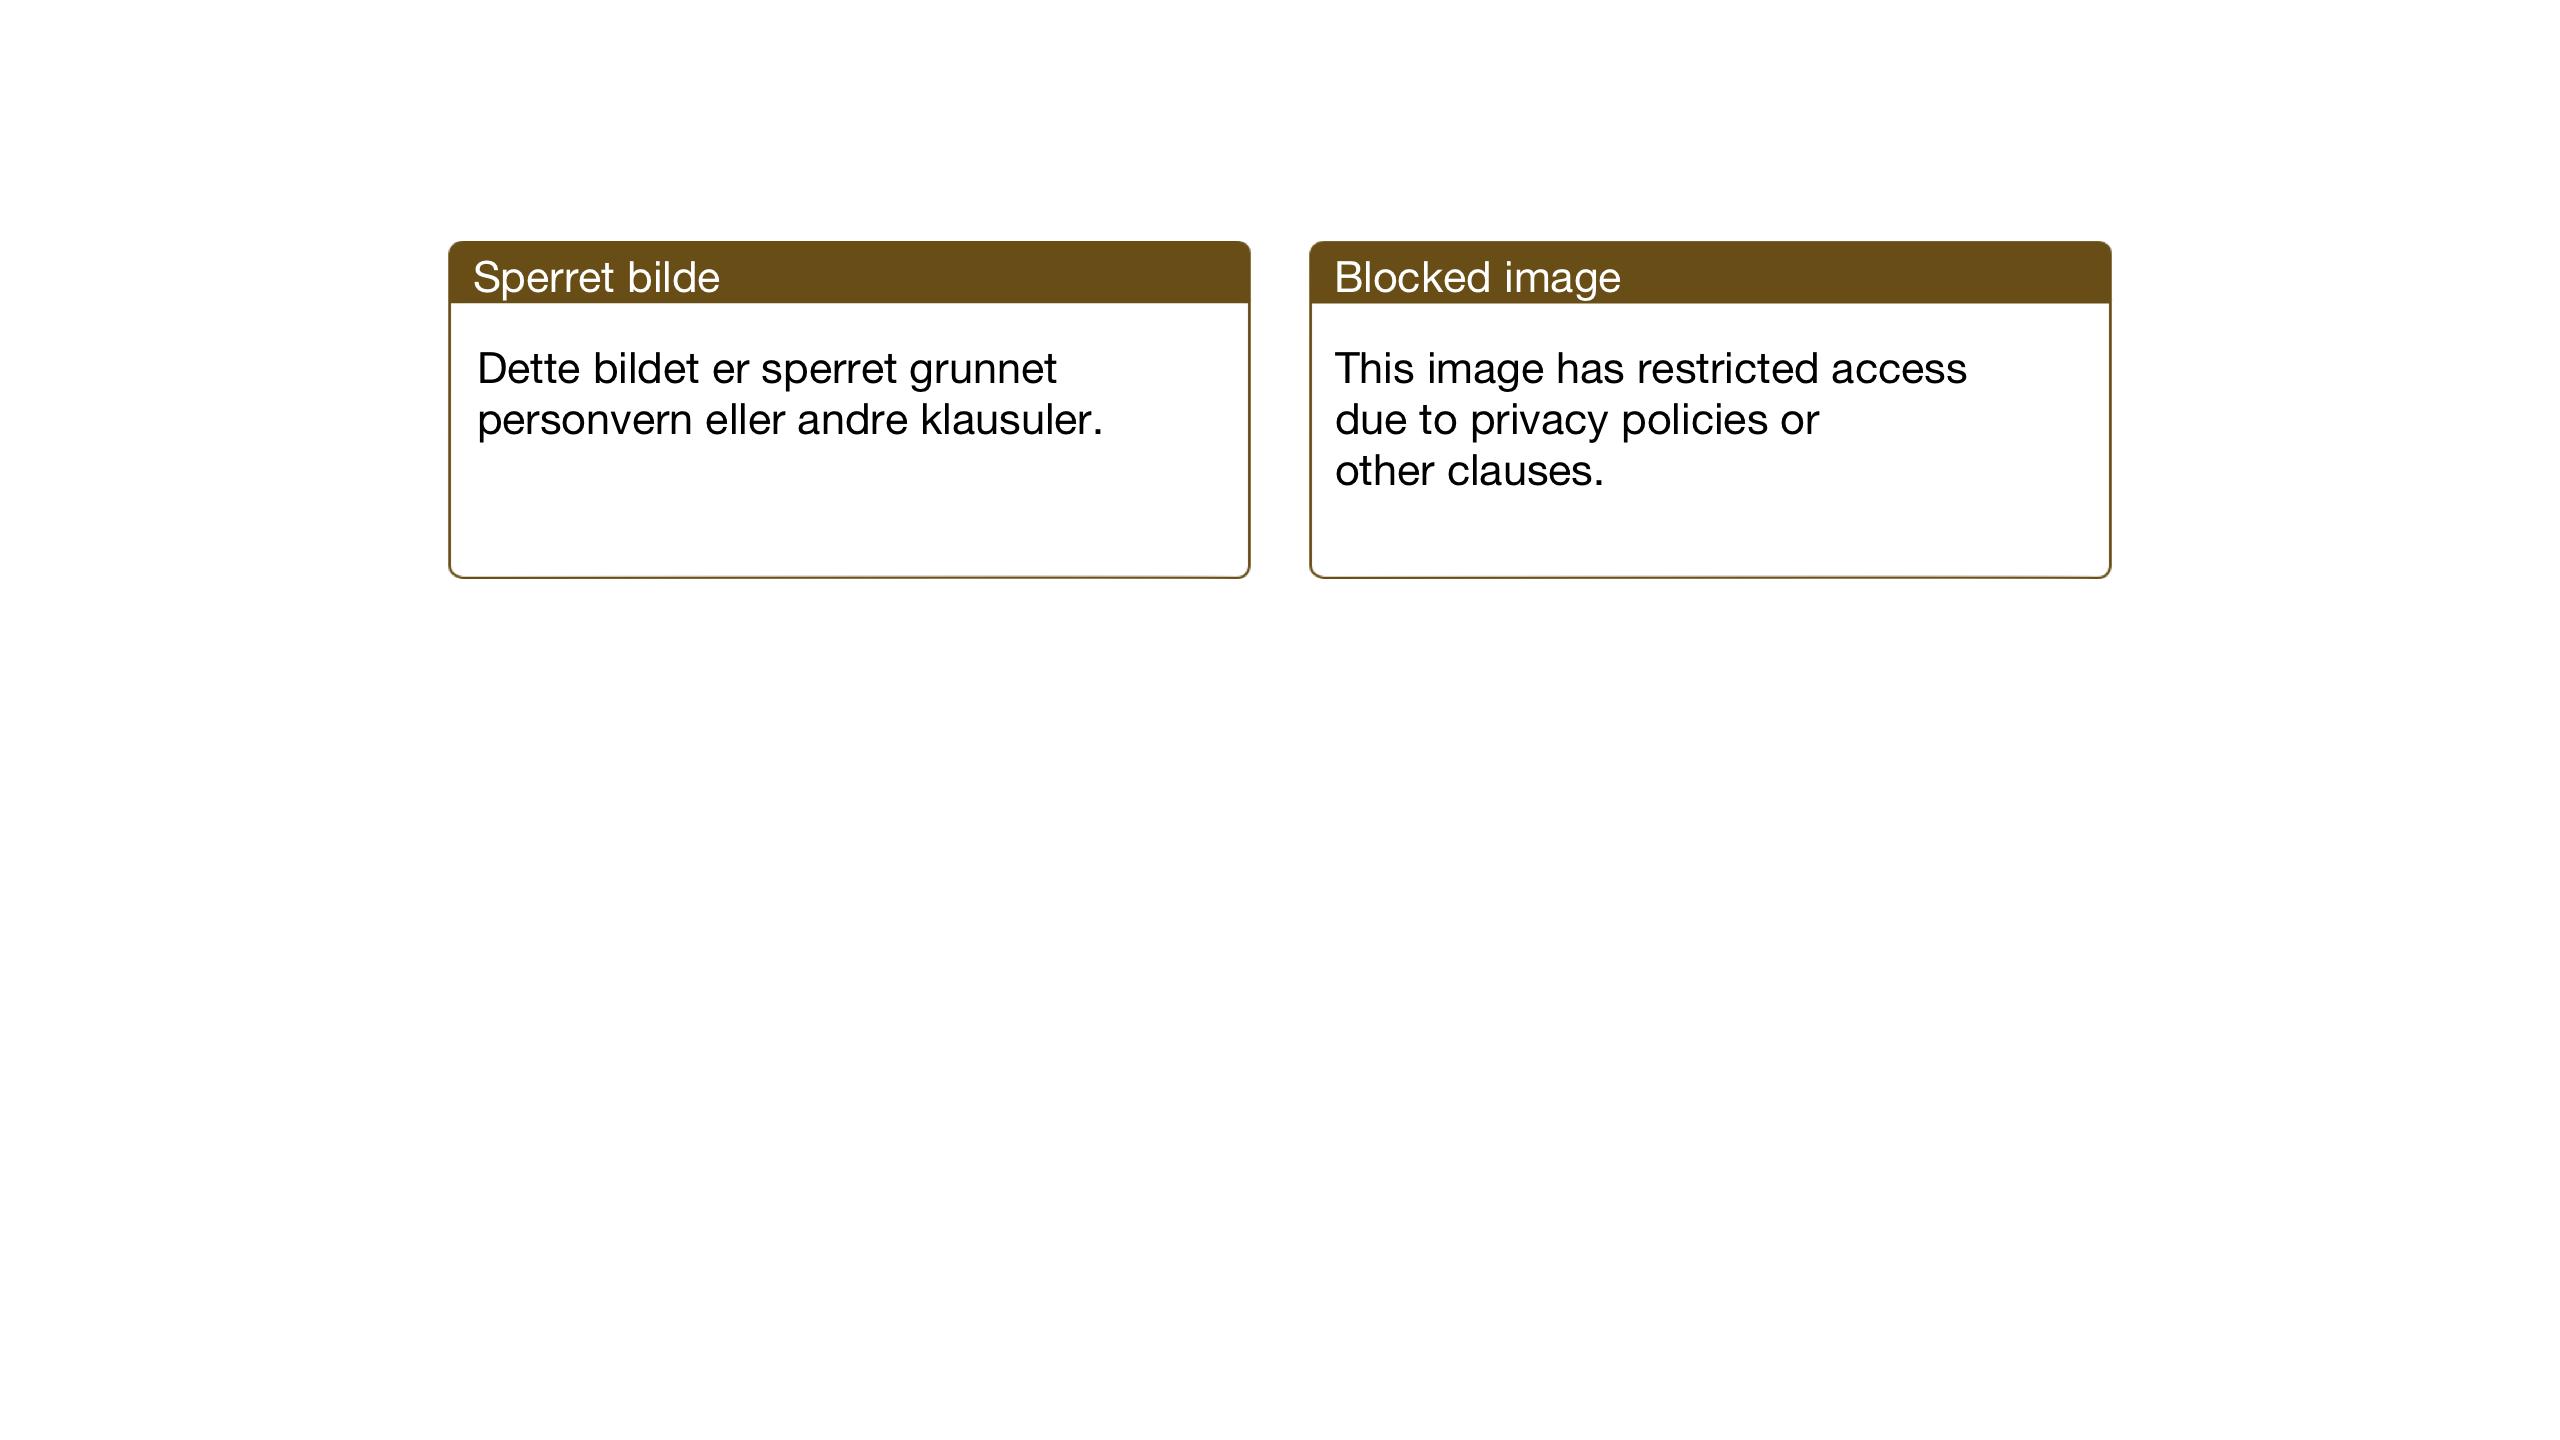 SAT, Ministerialprotokoller, klokkerbøker og fødselsregistre - Sør-Trøndelag, 602/L0150: Klokkerbok nr. 602C18, 1922-1949, s. 146